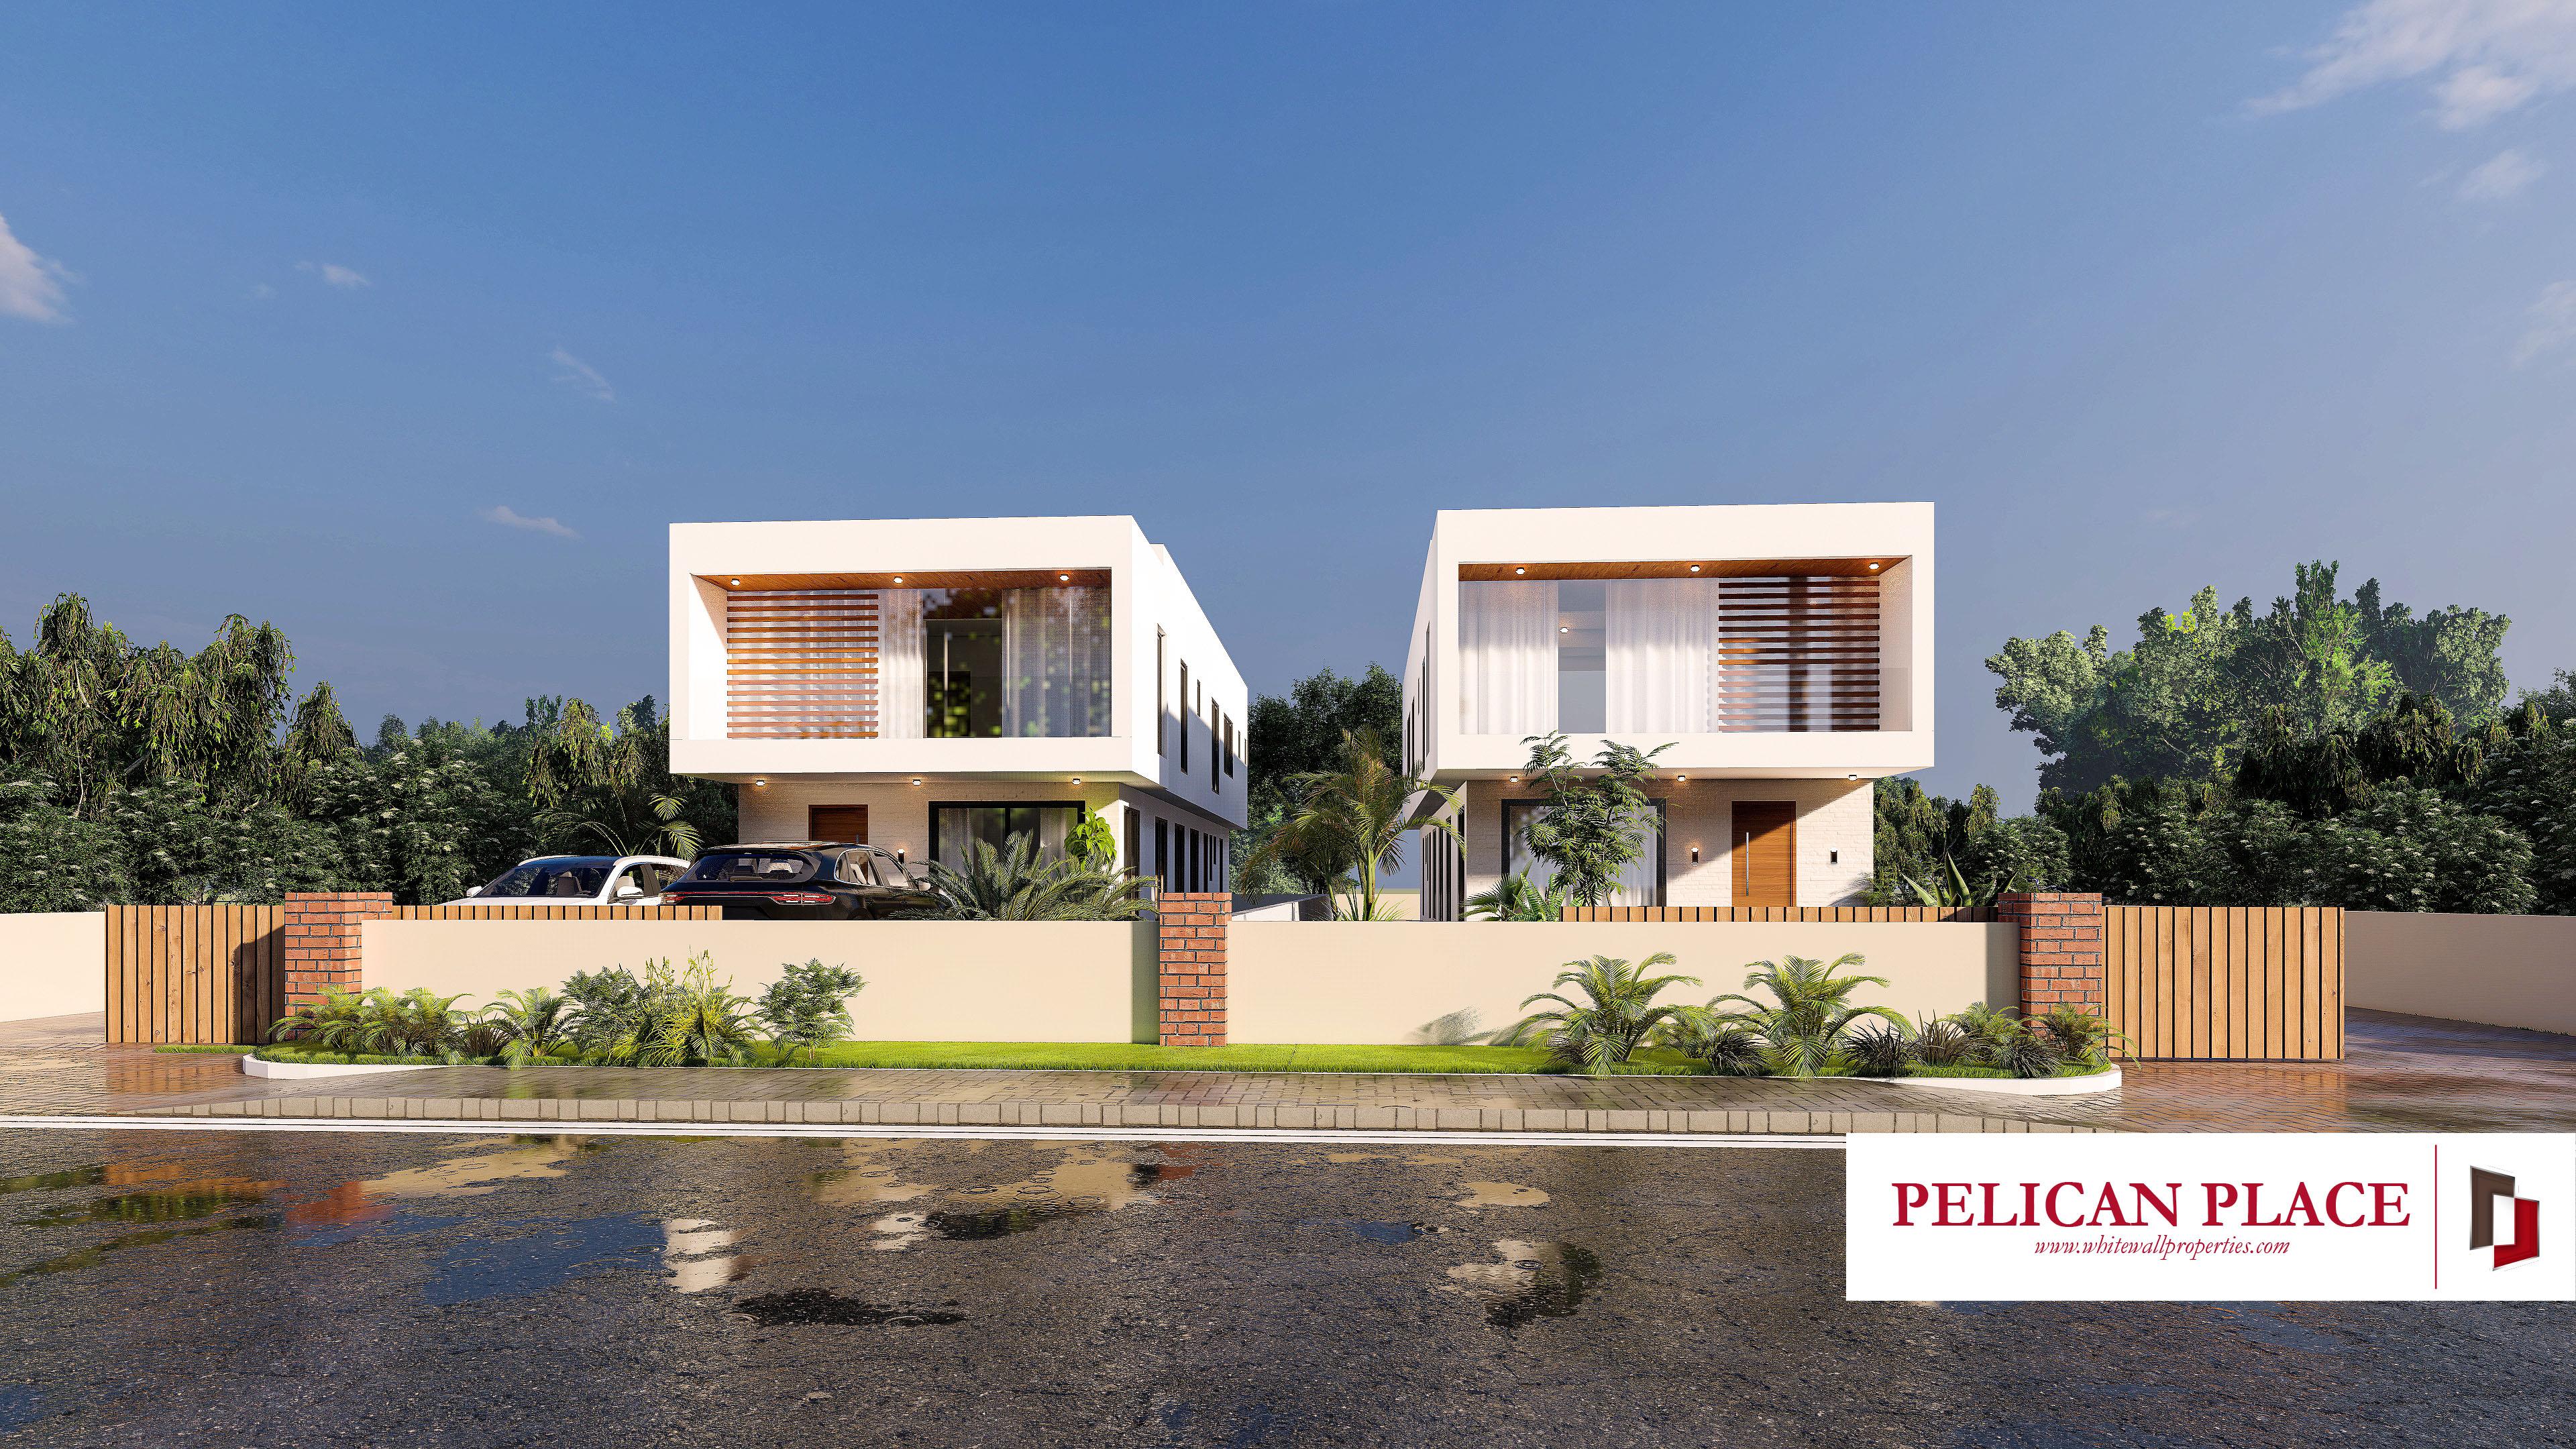 Pelican Place - Adjiringanor, Ghana